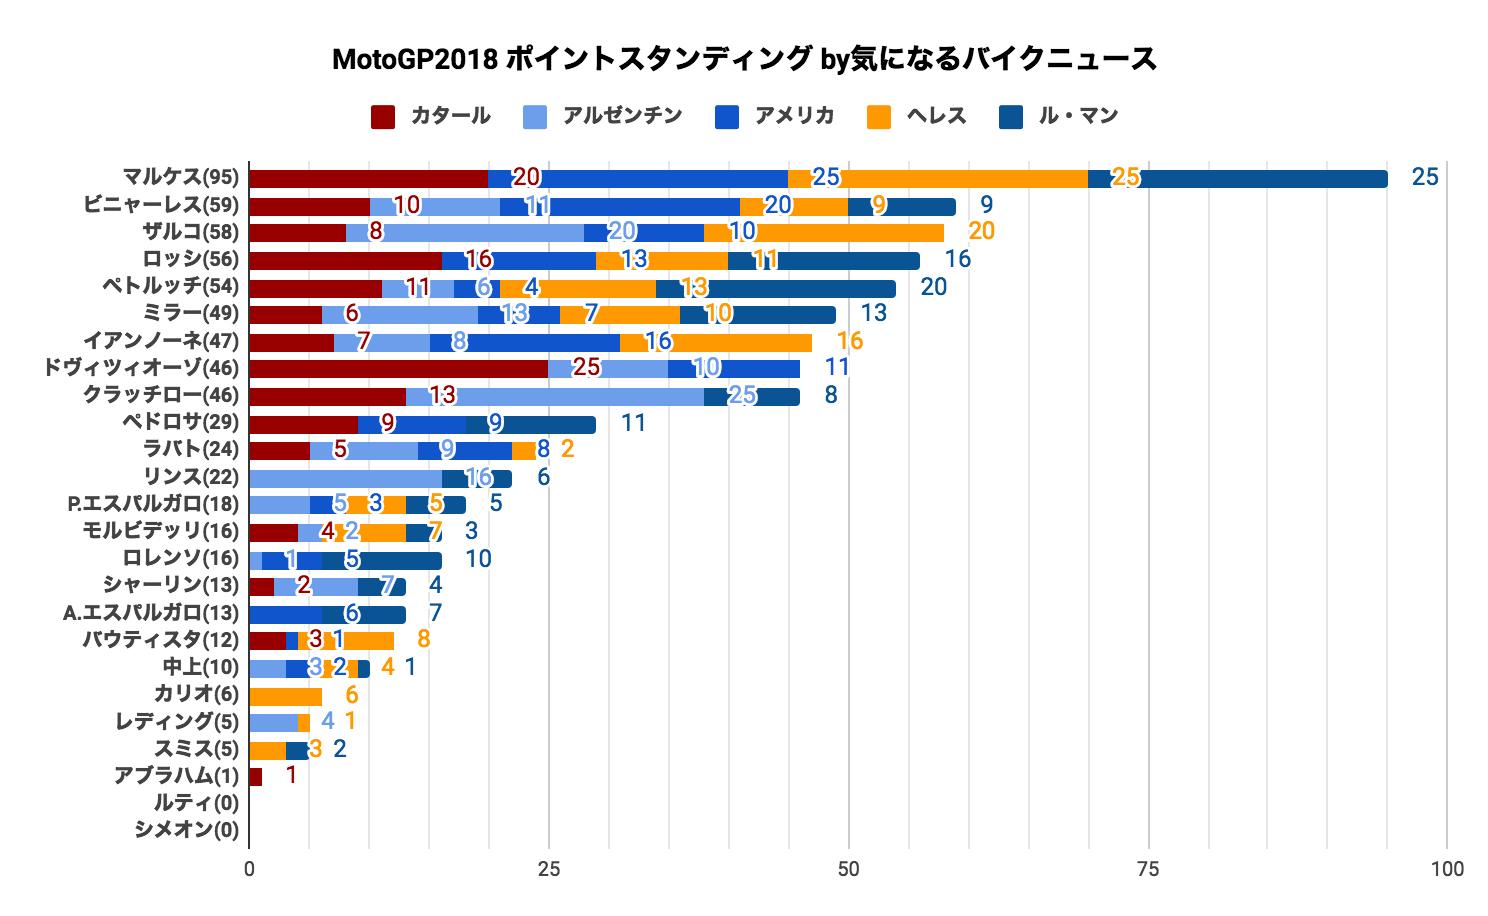 ★MotoGP2018 ポイントスタンディング(2018/05/21時点)